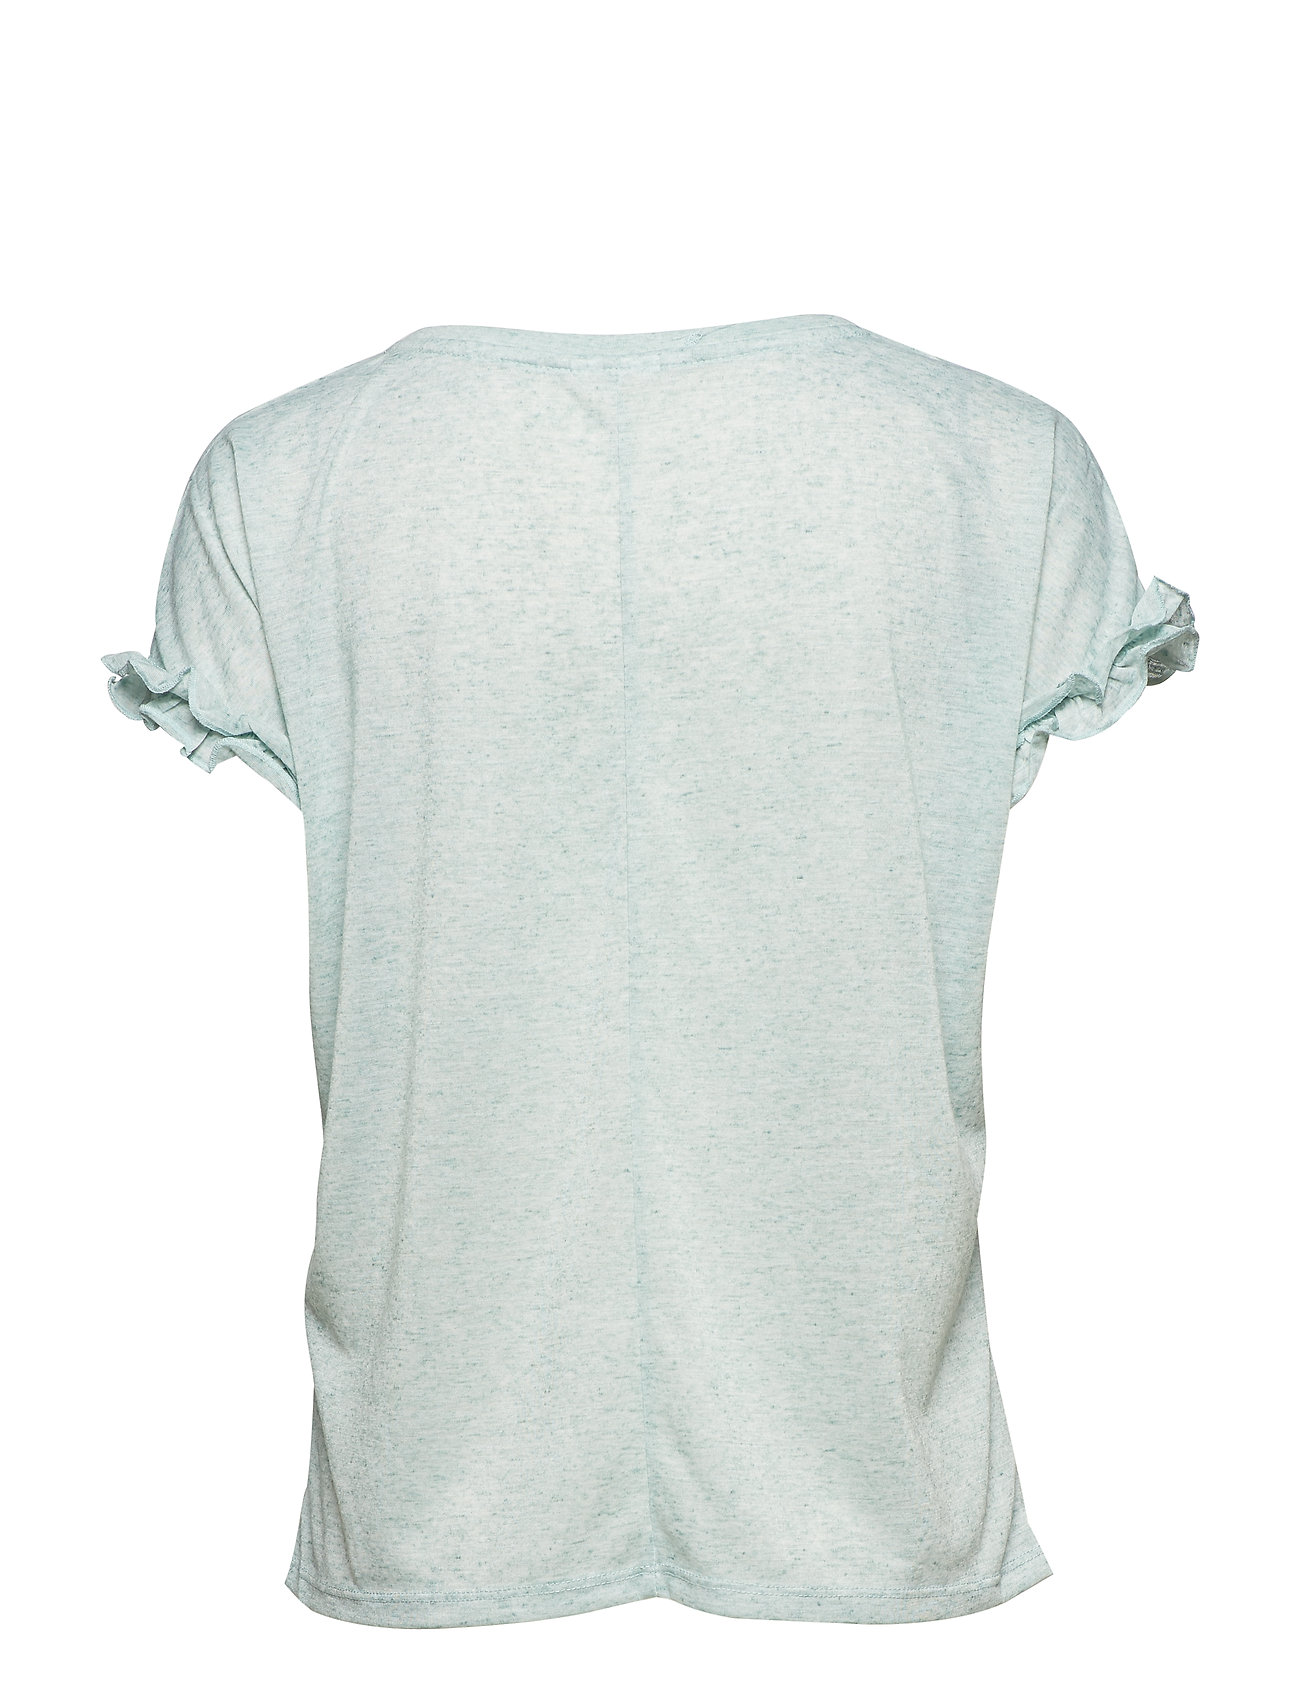 Vihaldis SS T Shirt T shirt Top Blå VILA